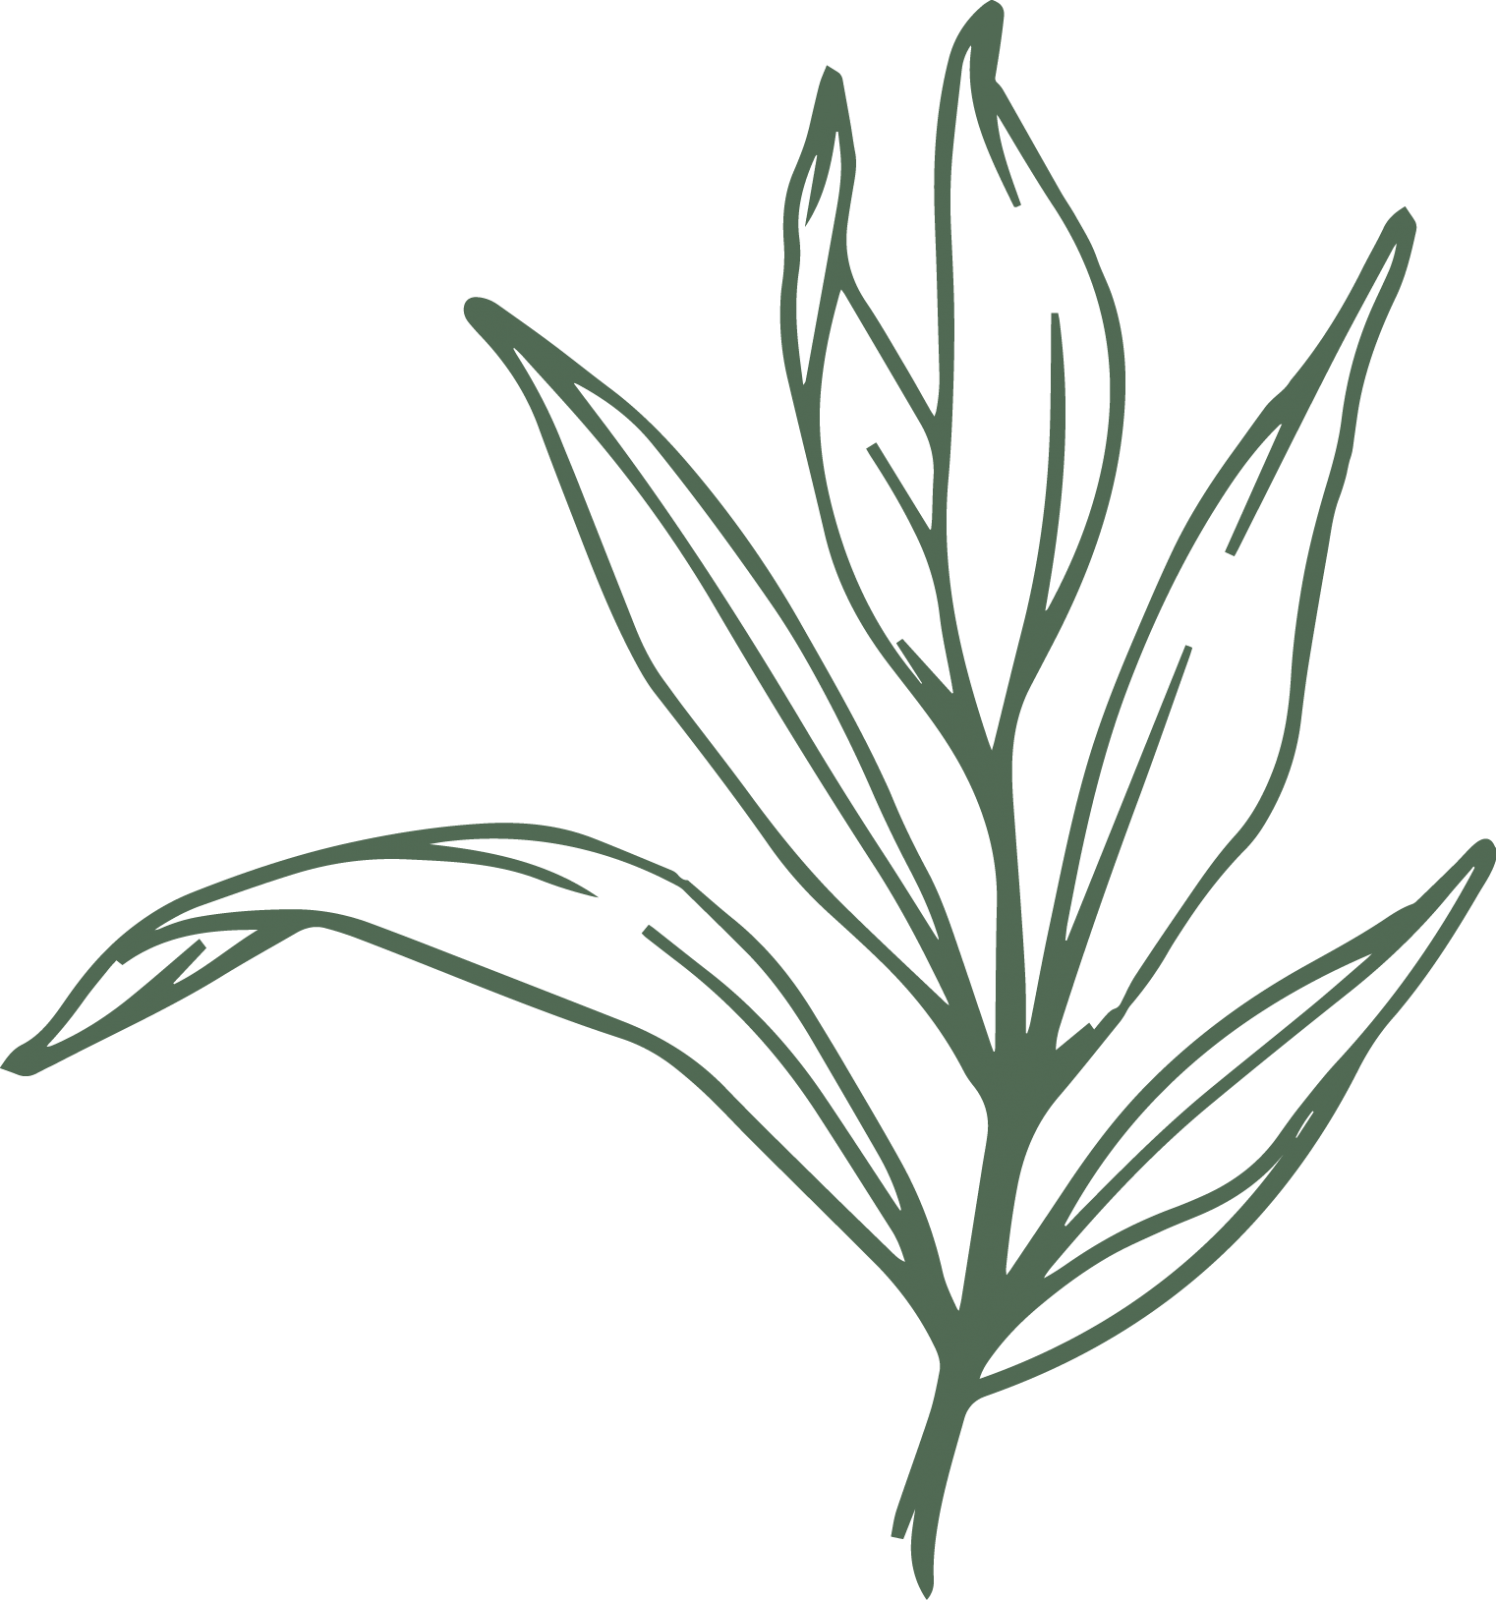 logocreation_cxbotanics_projectaconsulting